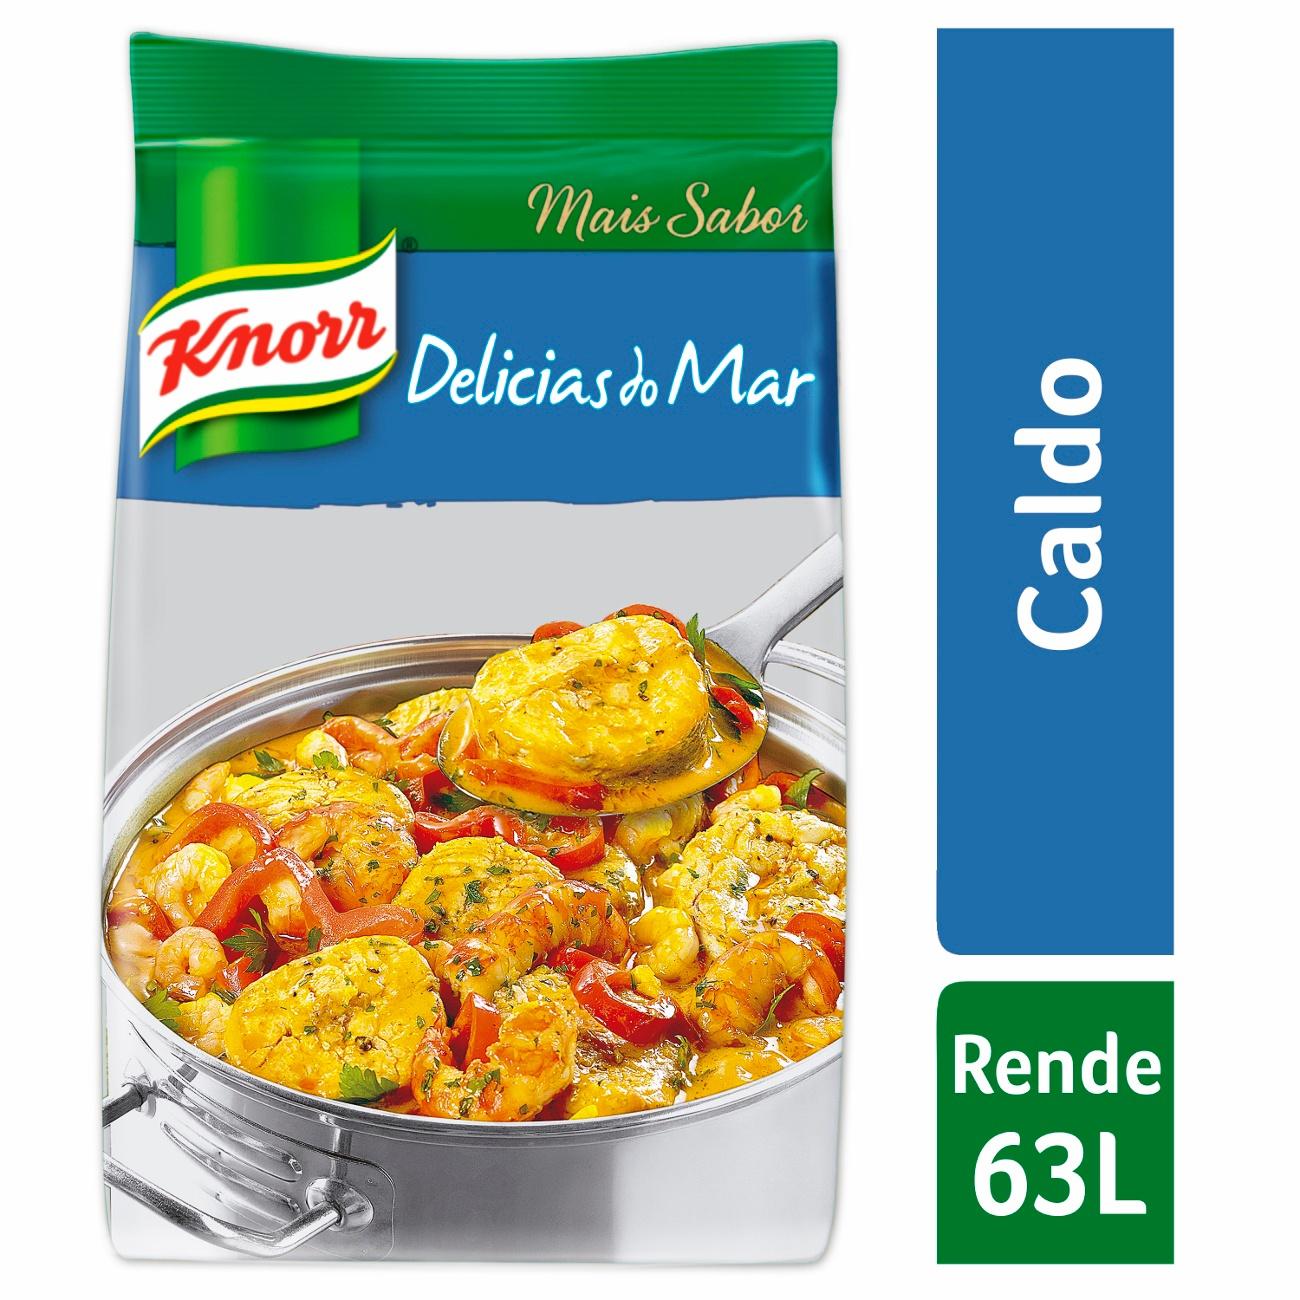 Caldo Knorr Delicias do Mar 1,01kg